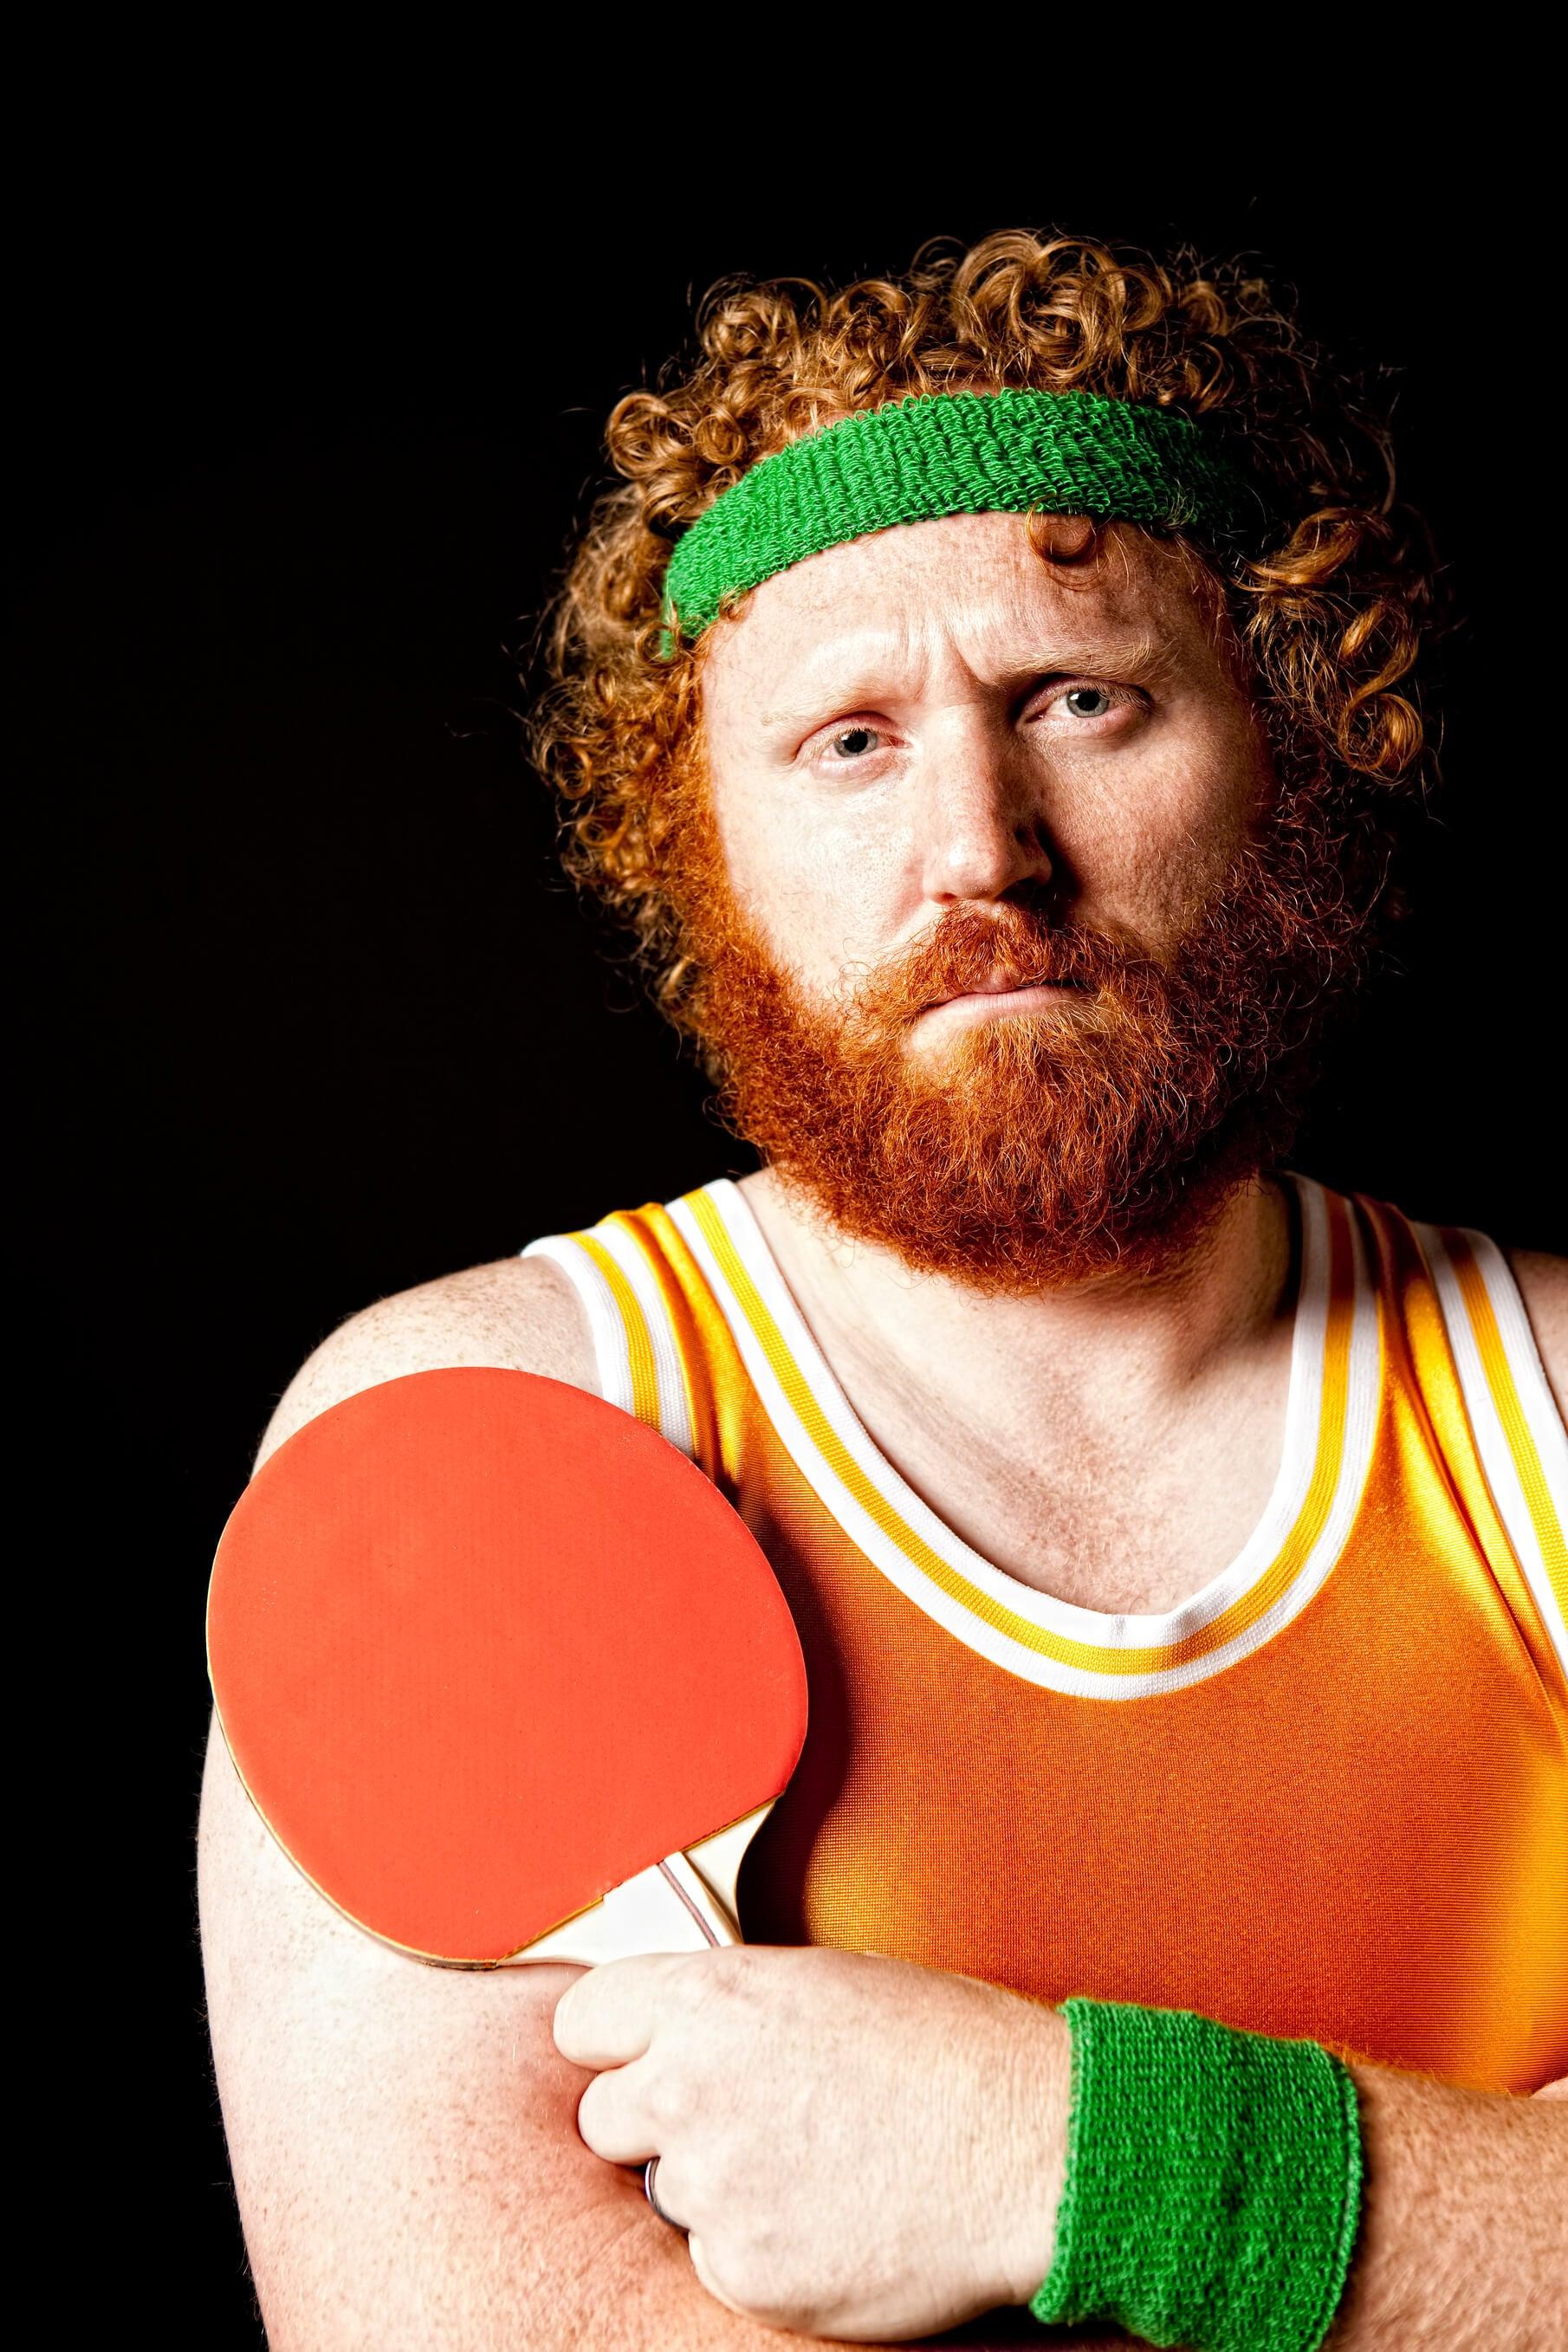 full beard pingpong player